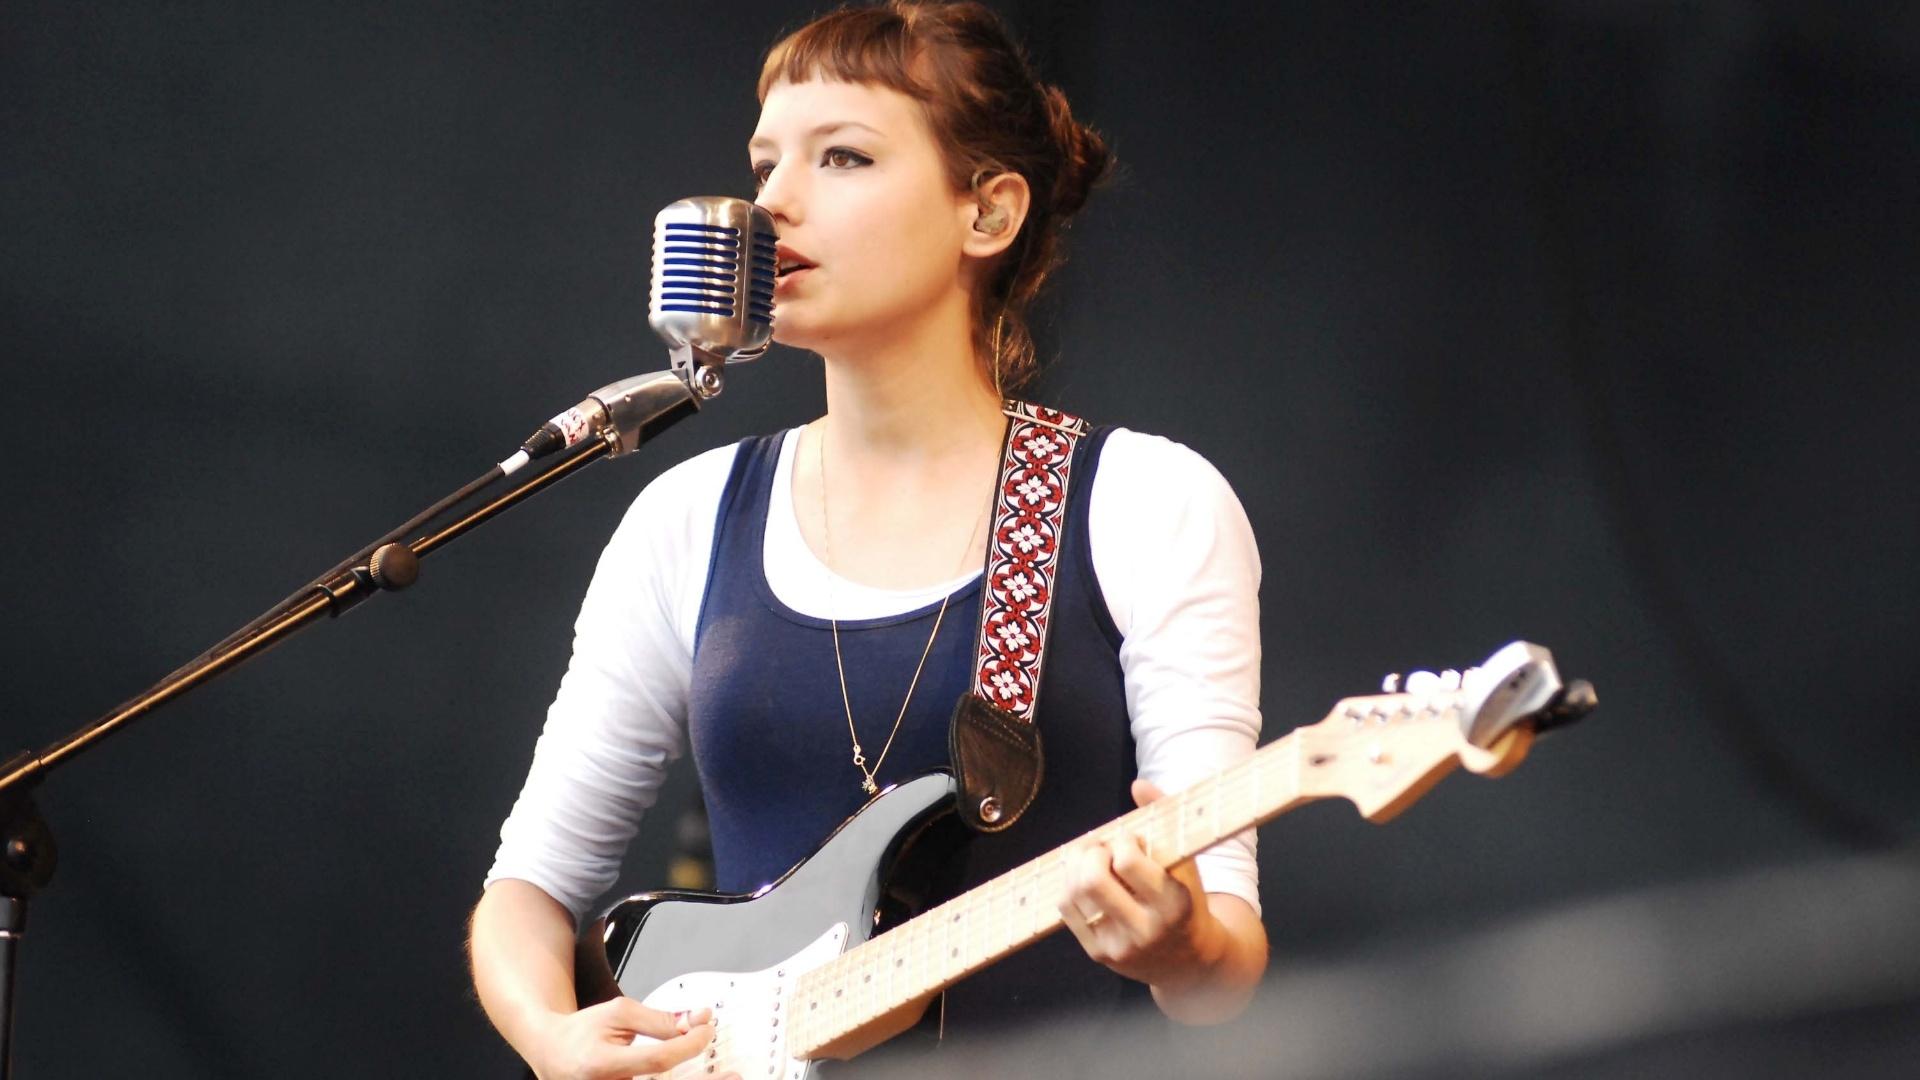 Mallu Magalhães se apresenta no palco Sonora Main Stage no Planeta Terra 2012. A cantora chorou devido aos problemas técnicos que aconteceram em seu show (20/10/12)